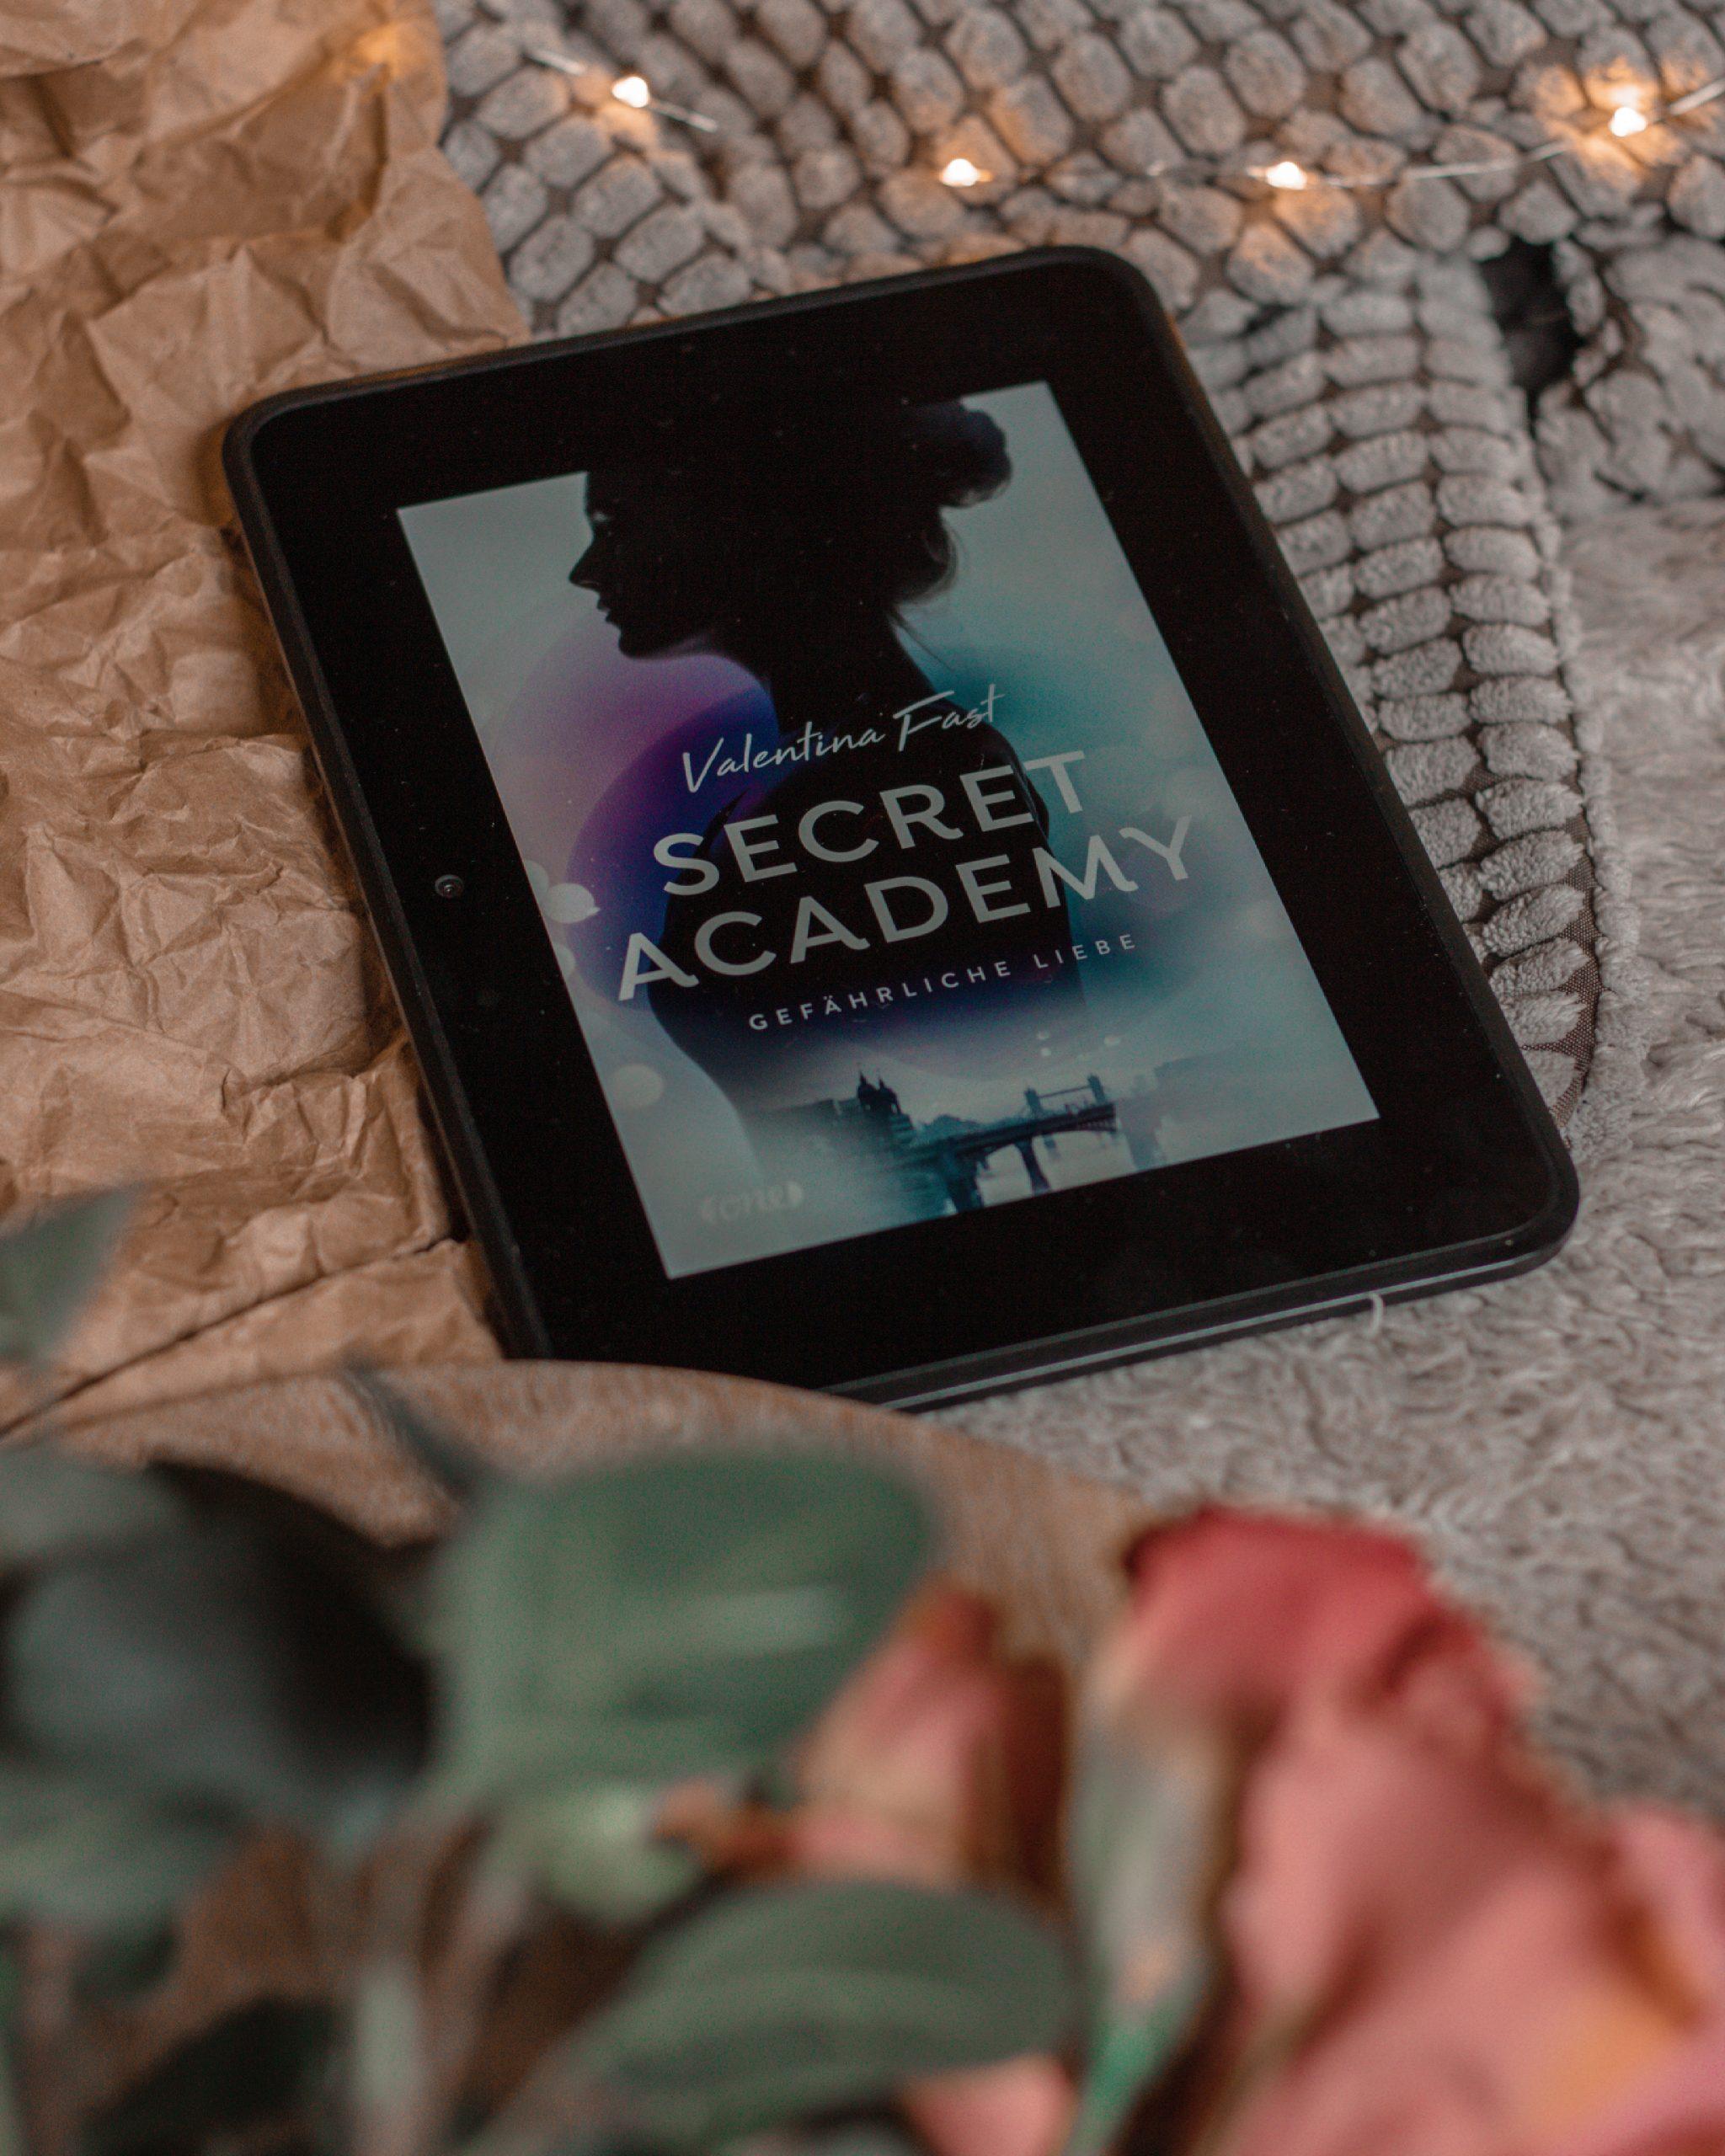 Gefährliche Liebe  – Secret Academy | Valentina Fast